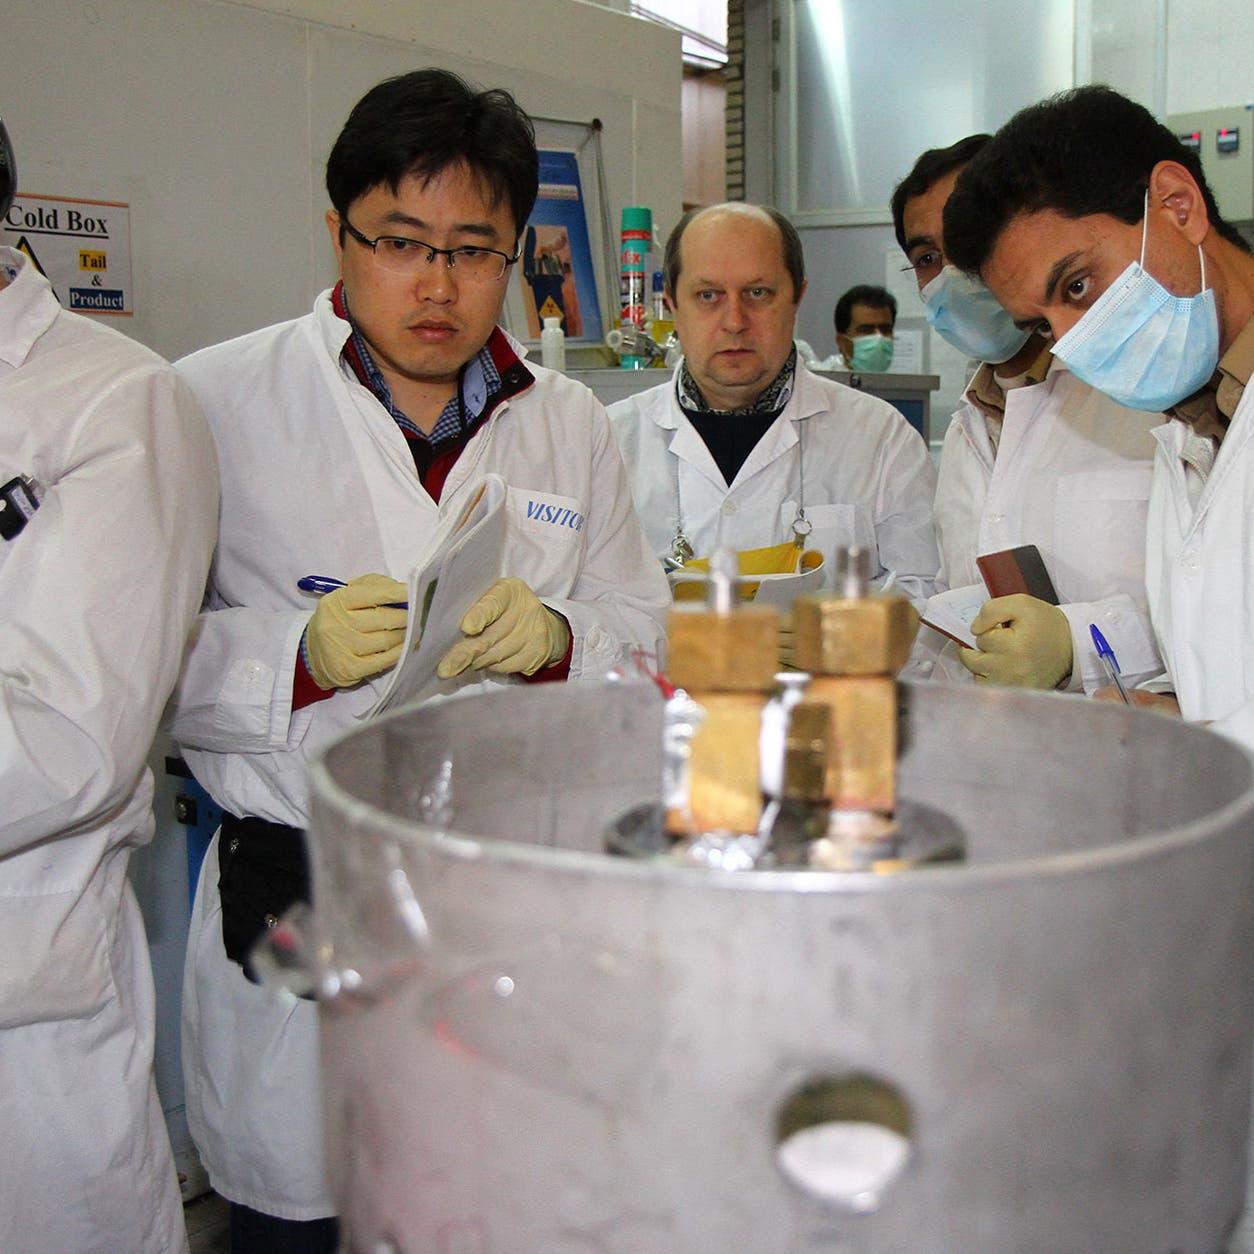 تقرير: الكلفة والتقنية تقفان بين إيران وقنبلتها النووية